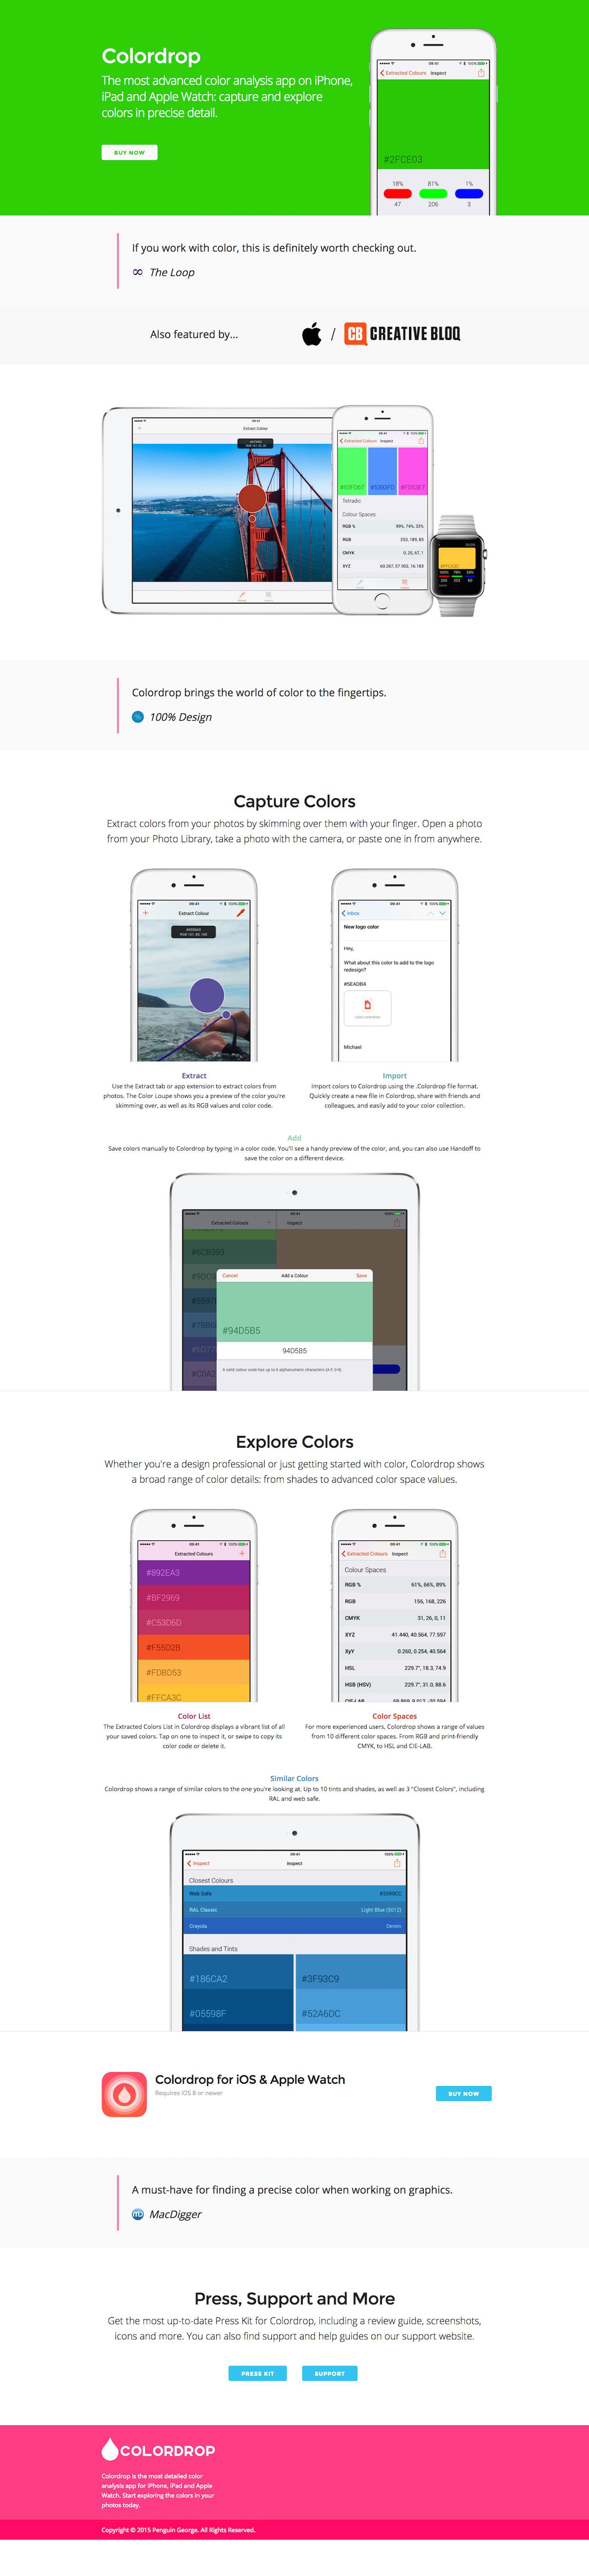 Colordrop Big Screenshot